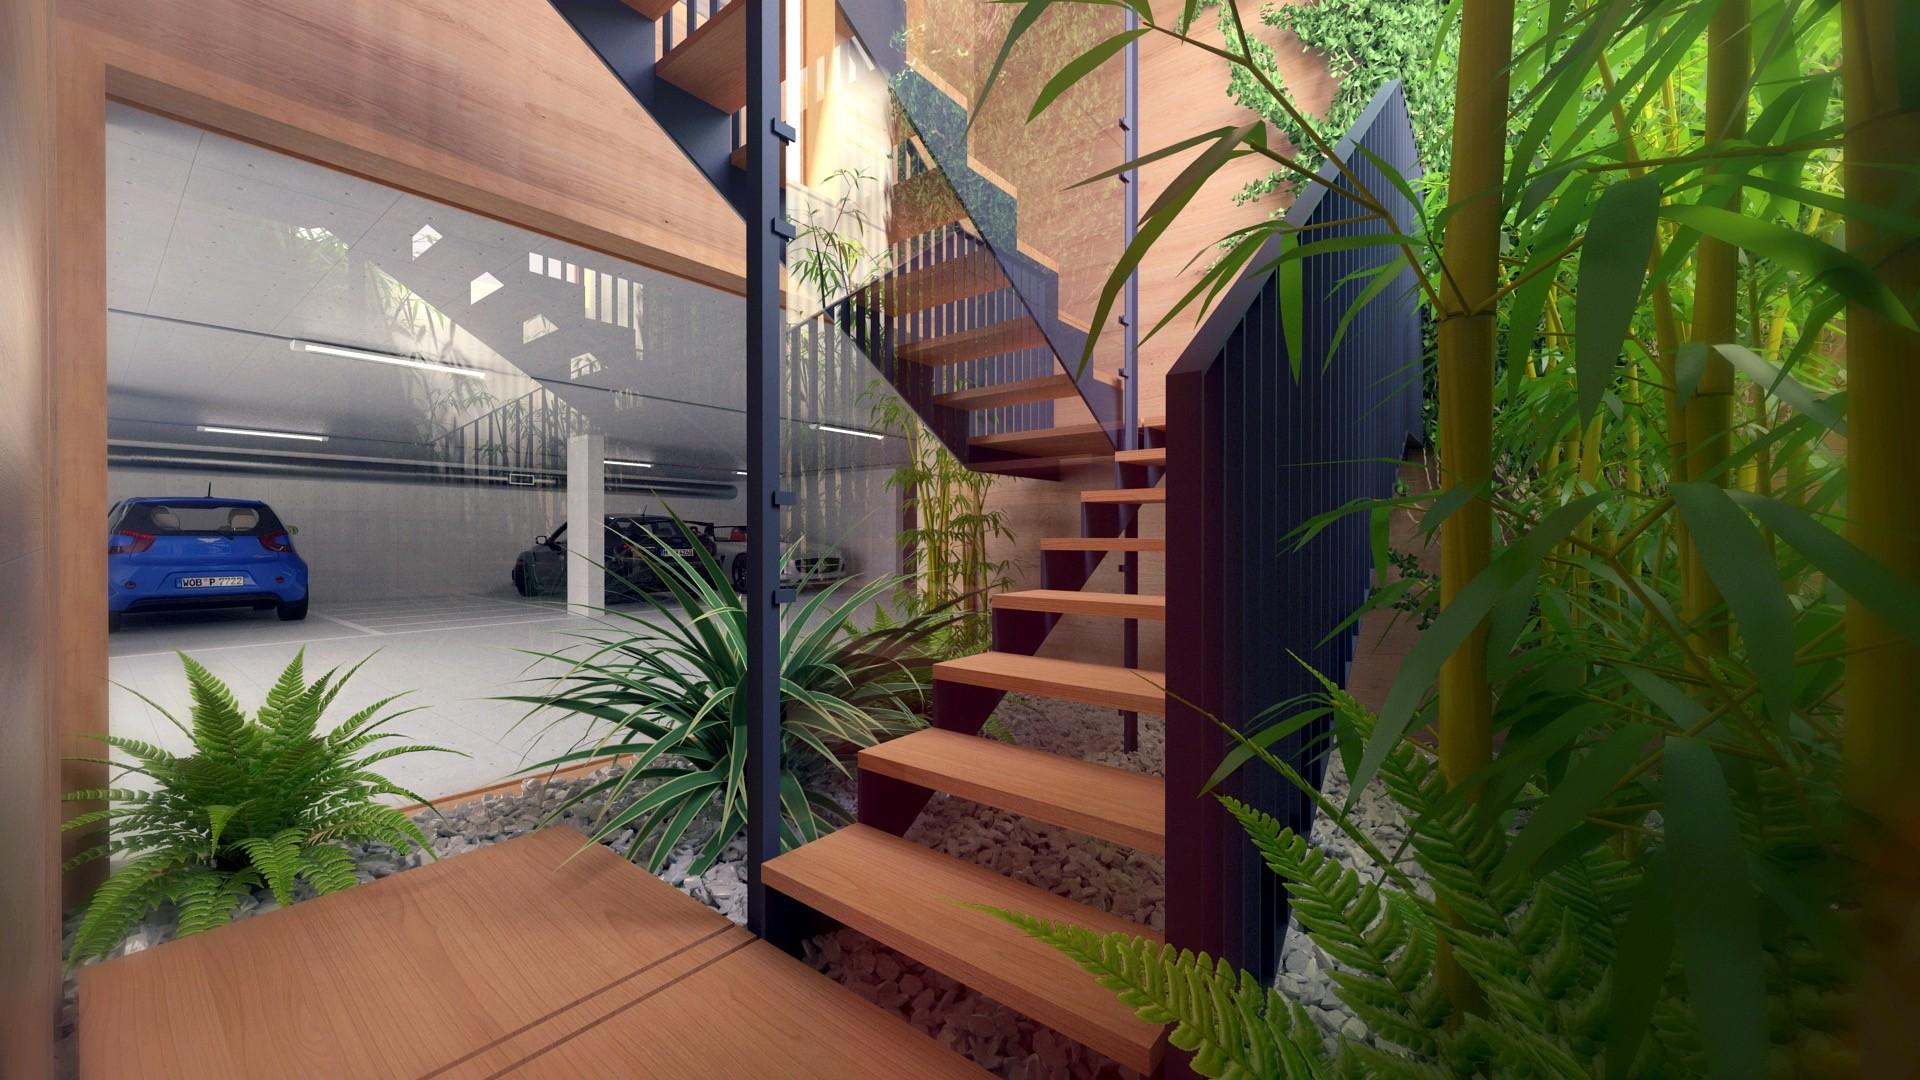 Duane kemp 24 a1309 villas portier 3d staircase garage staircase basement to garage 02 post